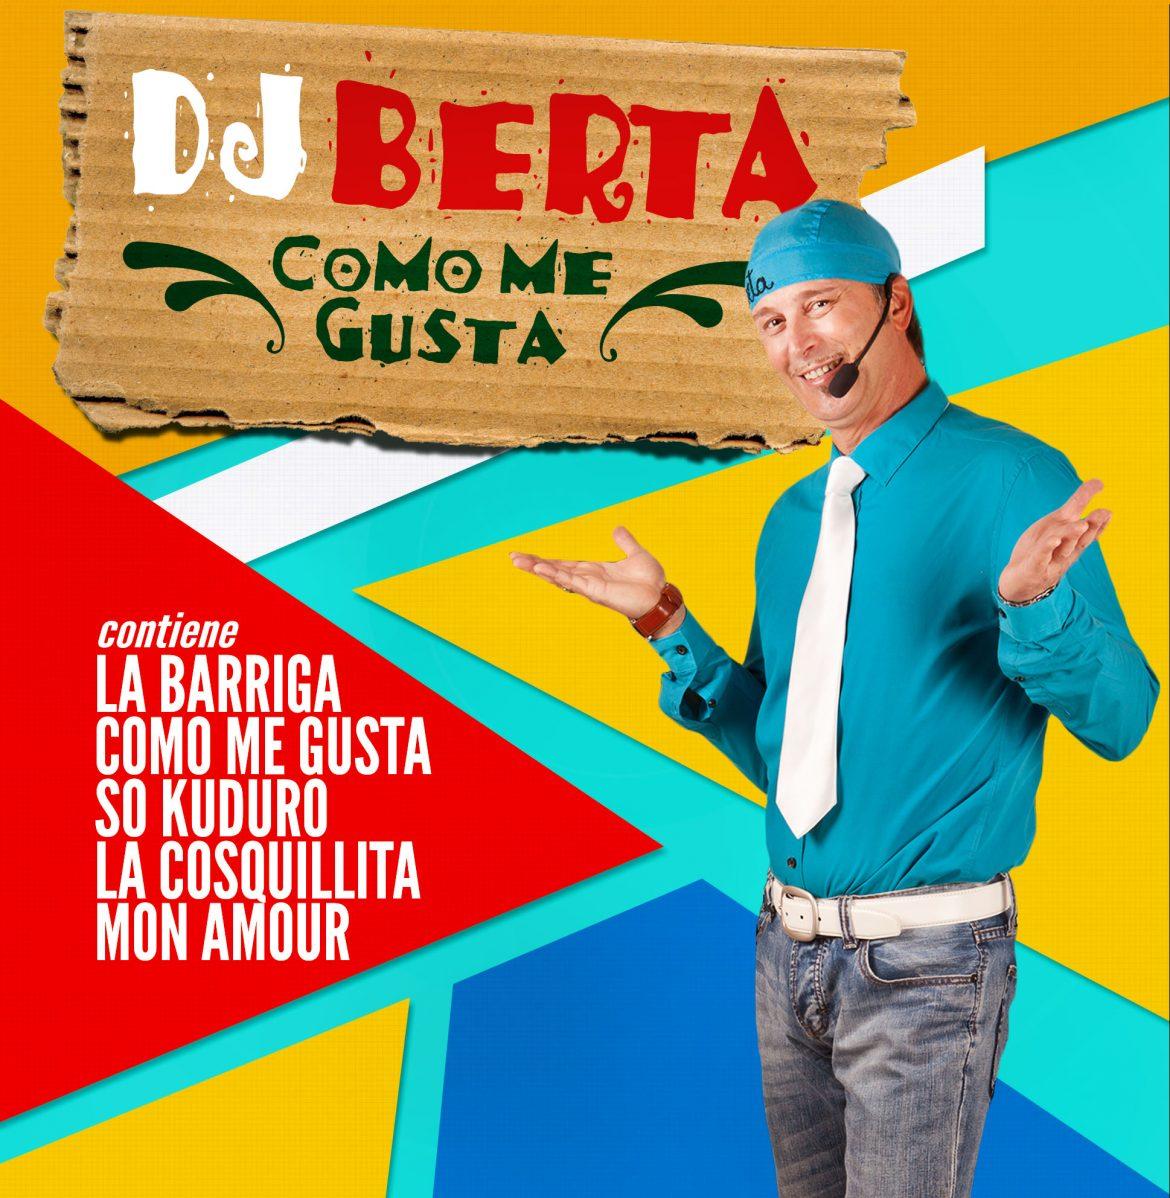 DJ Berta - Como me Gusta Compilation - Baccano Edizioni Musicali